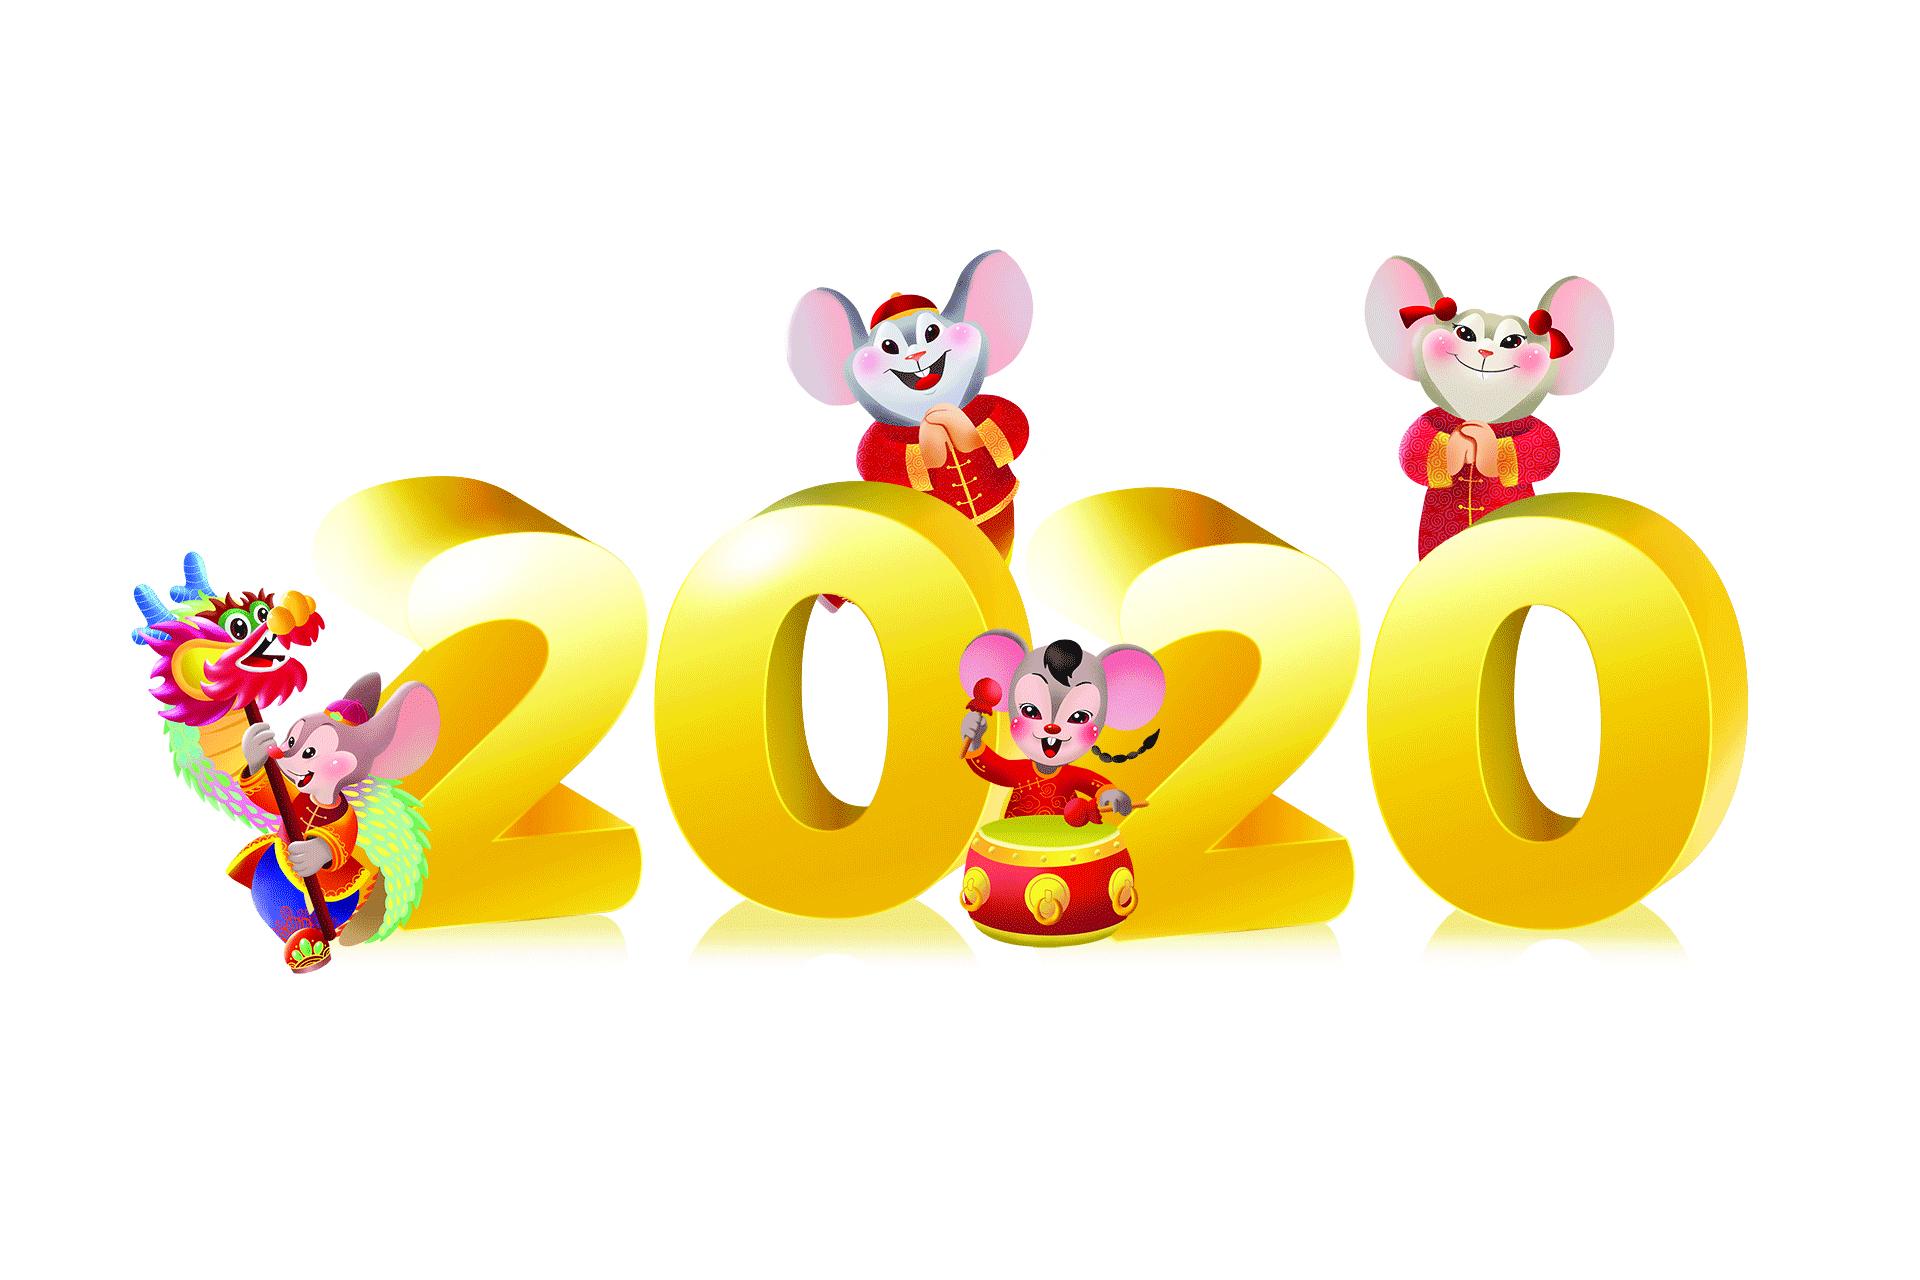 瑞荣绘画教室的孩子鼠年画鼠 给中华导报的读者送祝福